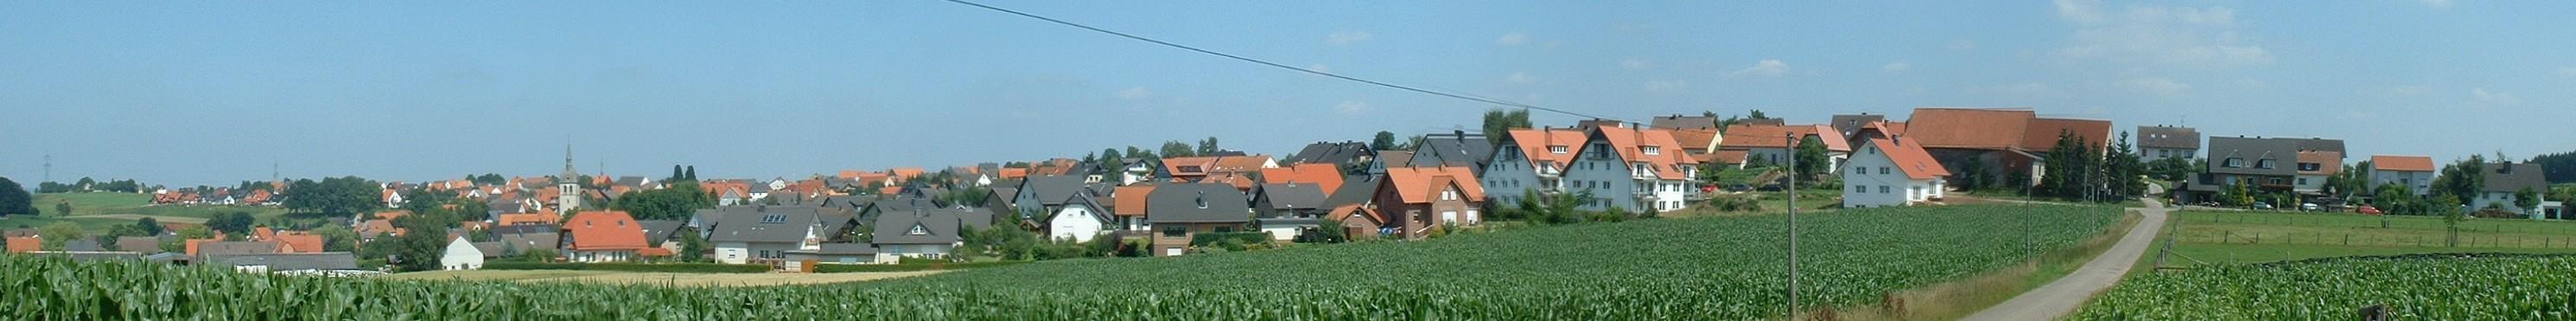 Giershagen